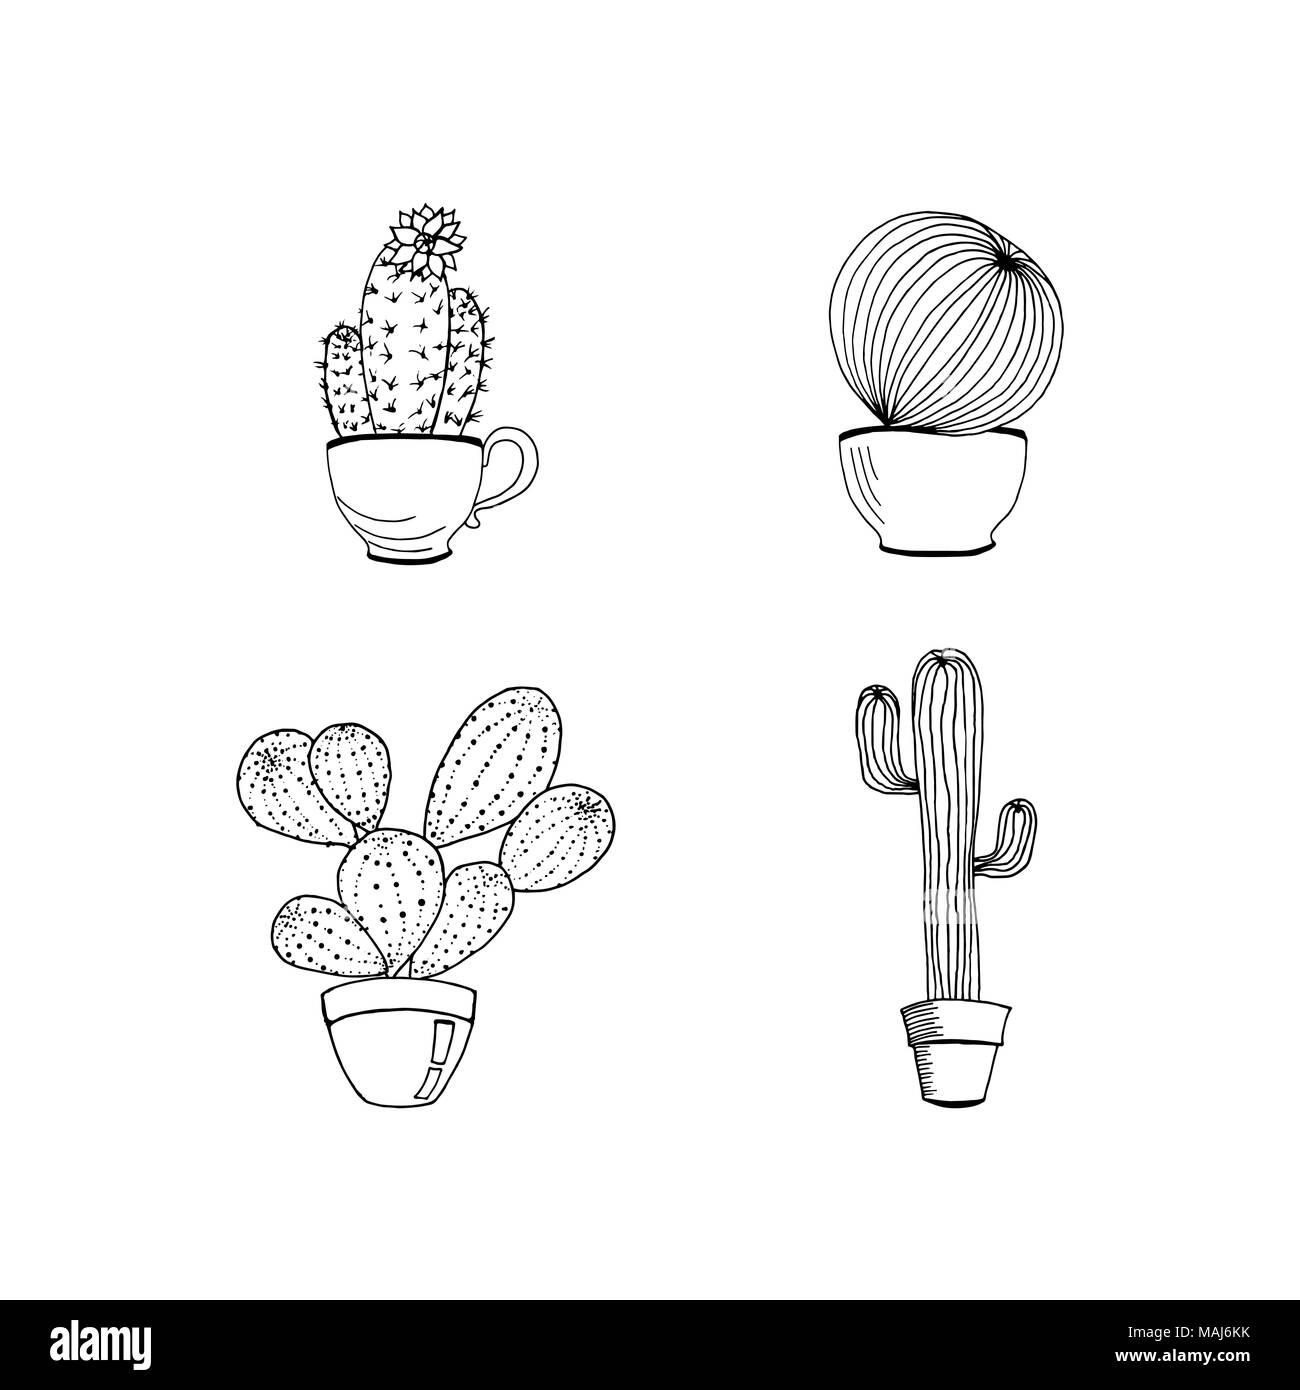 Fantástico Páginas Colorin Imagen - Dibujos Para Colorear En Línea ...